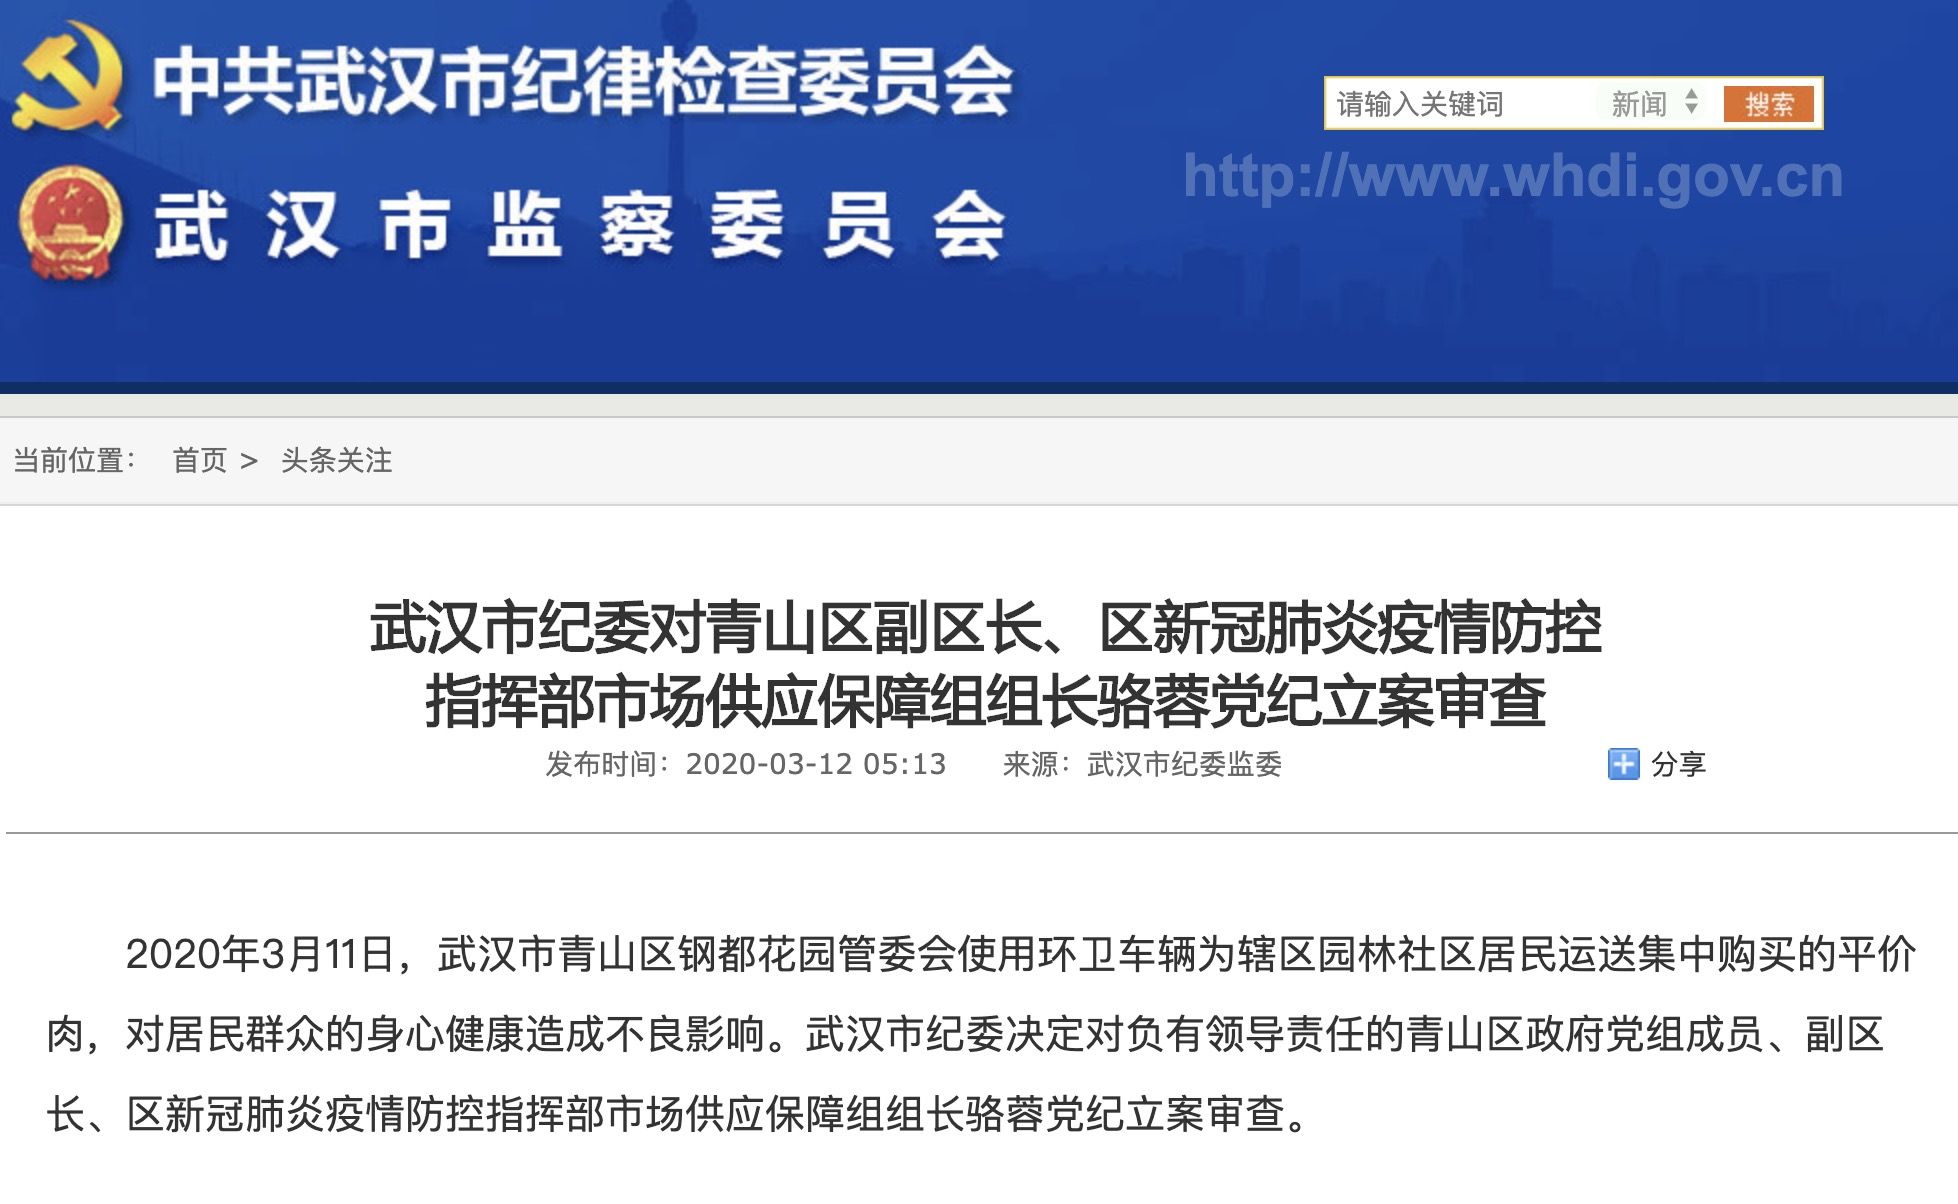 武汉一社区用环卫车运送平价肉 所在区副区长被查